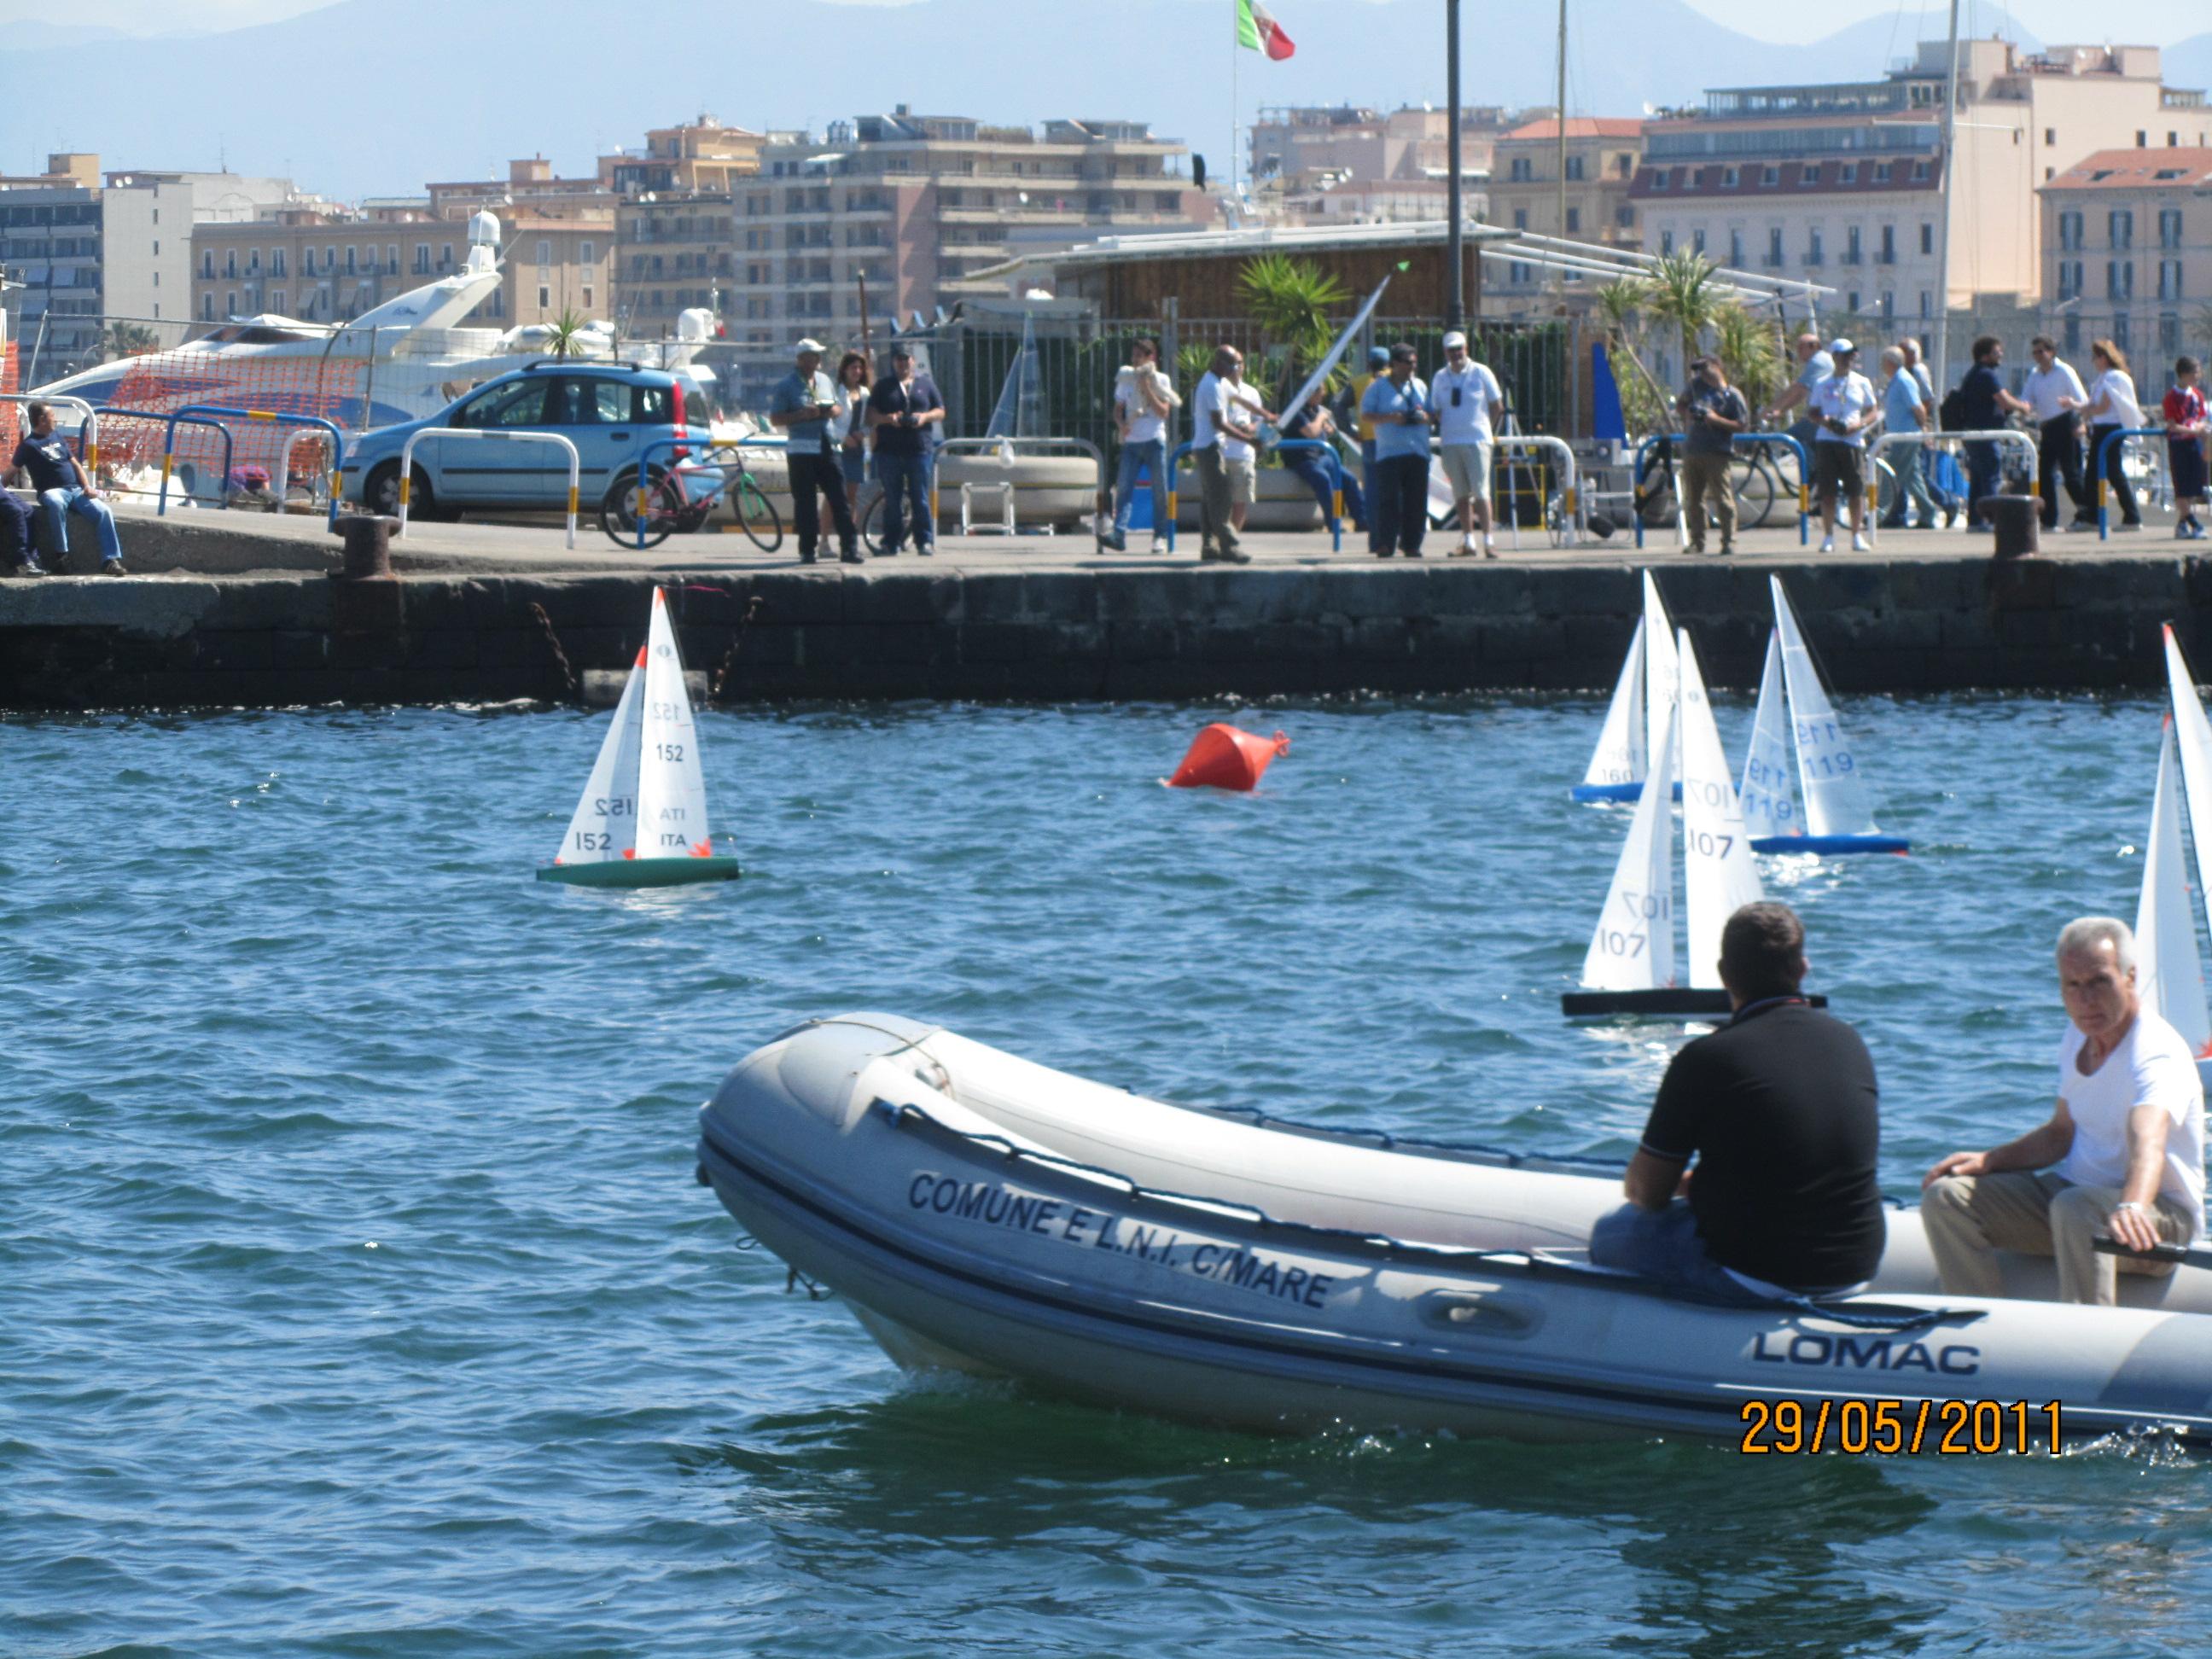 http://www.leganavalestabia.it/immagini_articoli/miniature/11306765997.jpg